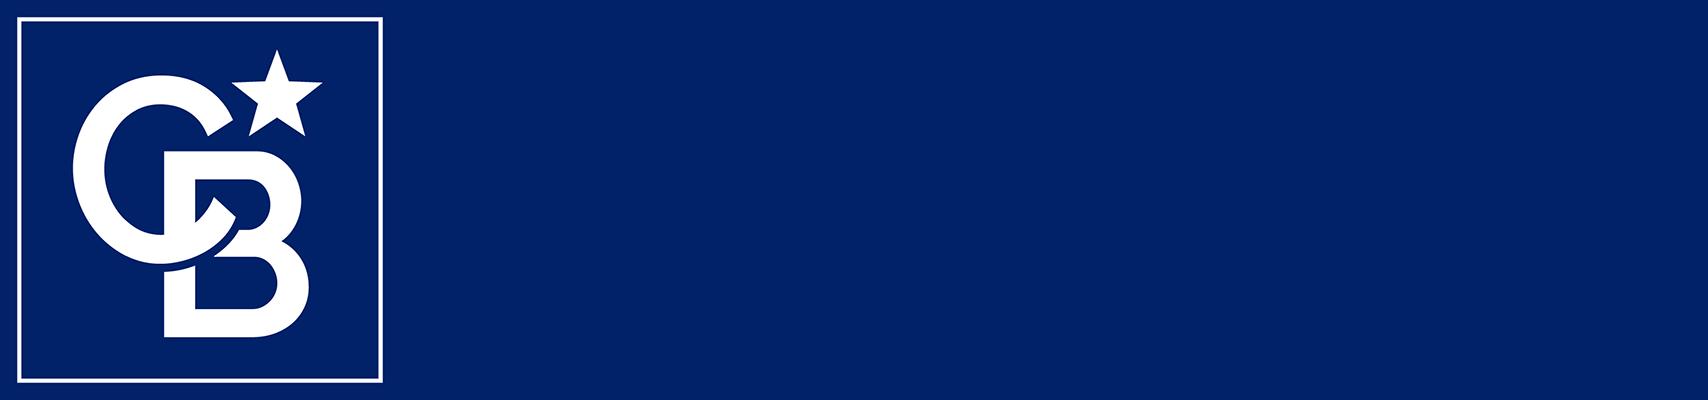 Ginger Halsrud - Coldwell Banker Select Logo